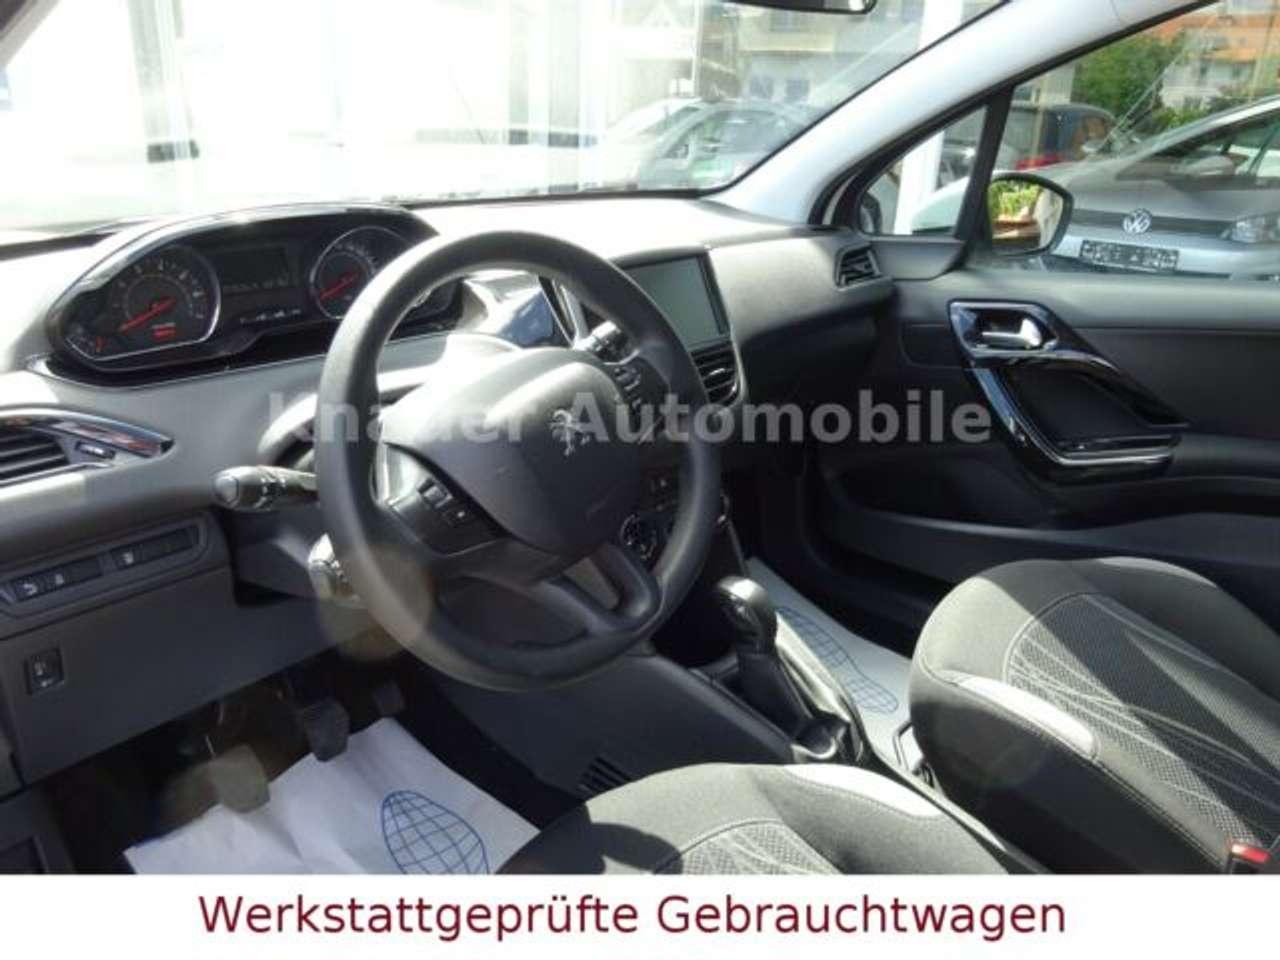 Autos nach Peugeot 208